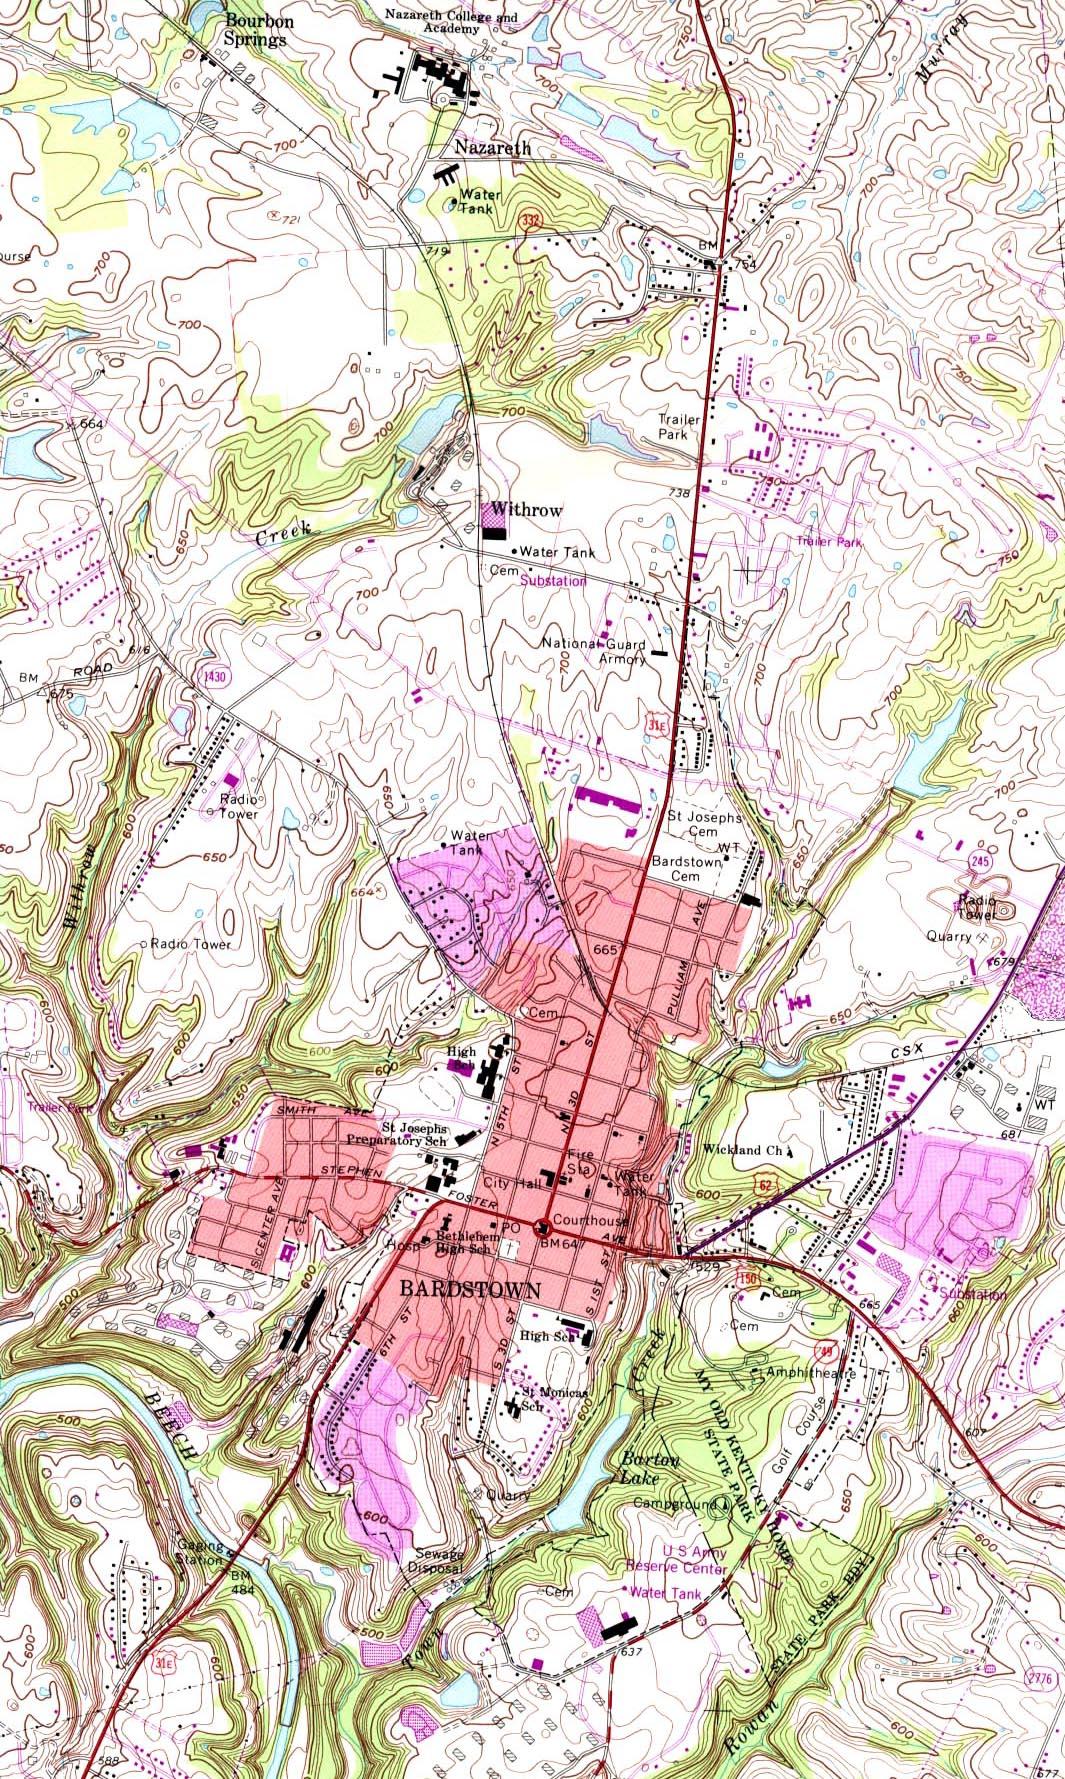 Mapa Topográfico de la Ciudad de Bardstown, Kentucky, Estados Unidos